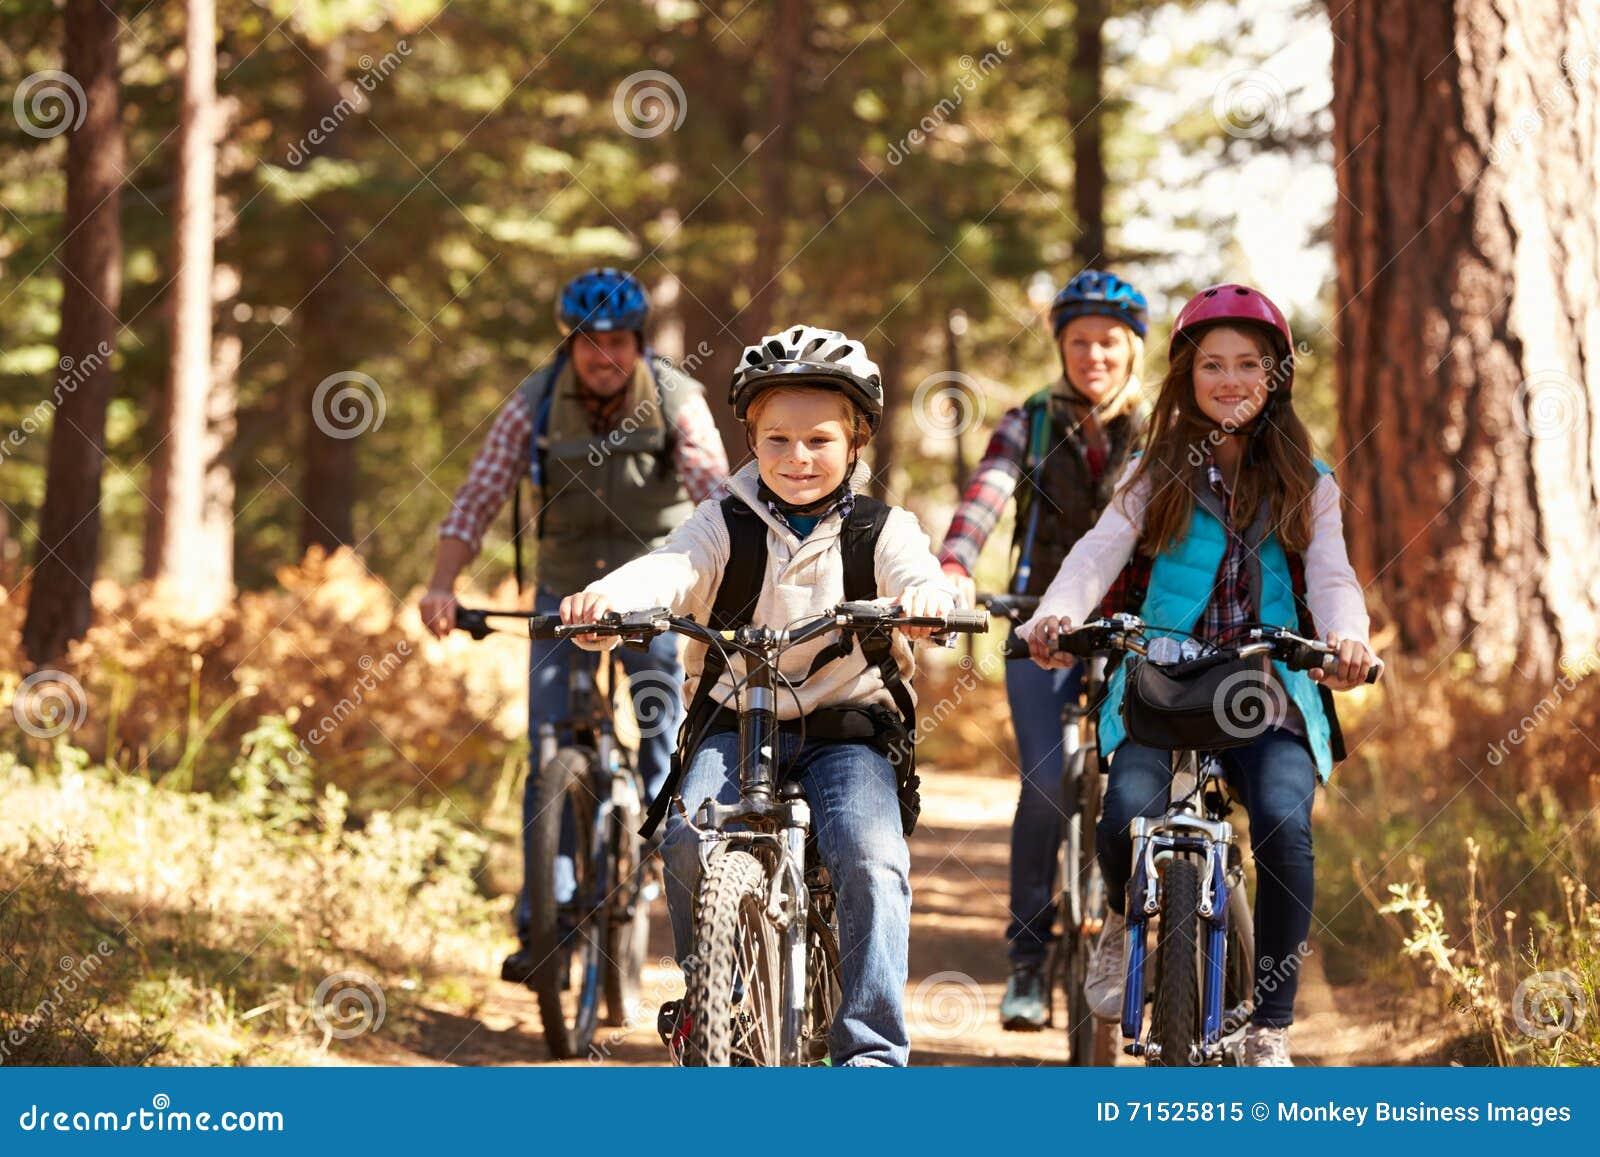 Montaña de la familia biking en el rastro del bosque, vista delantera